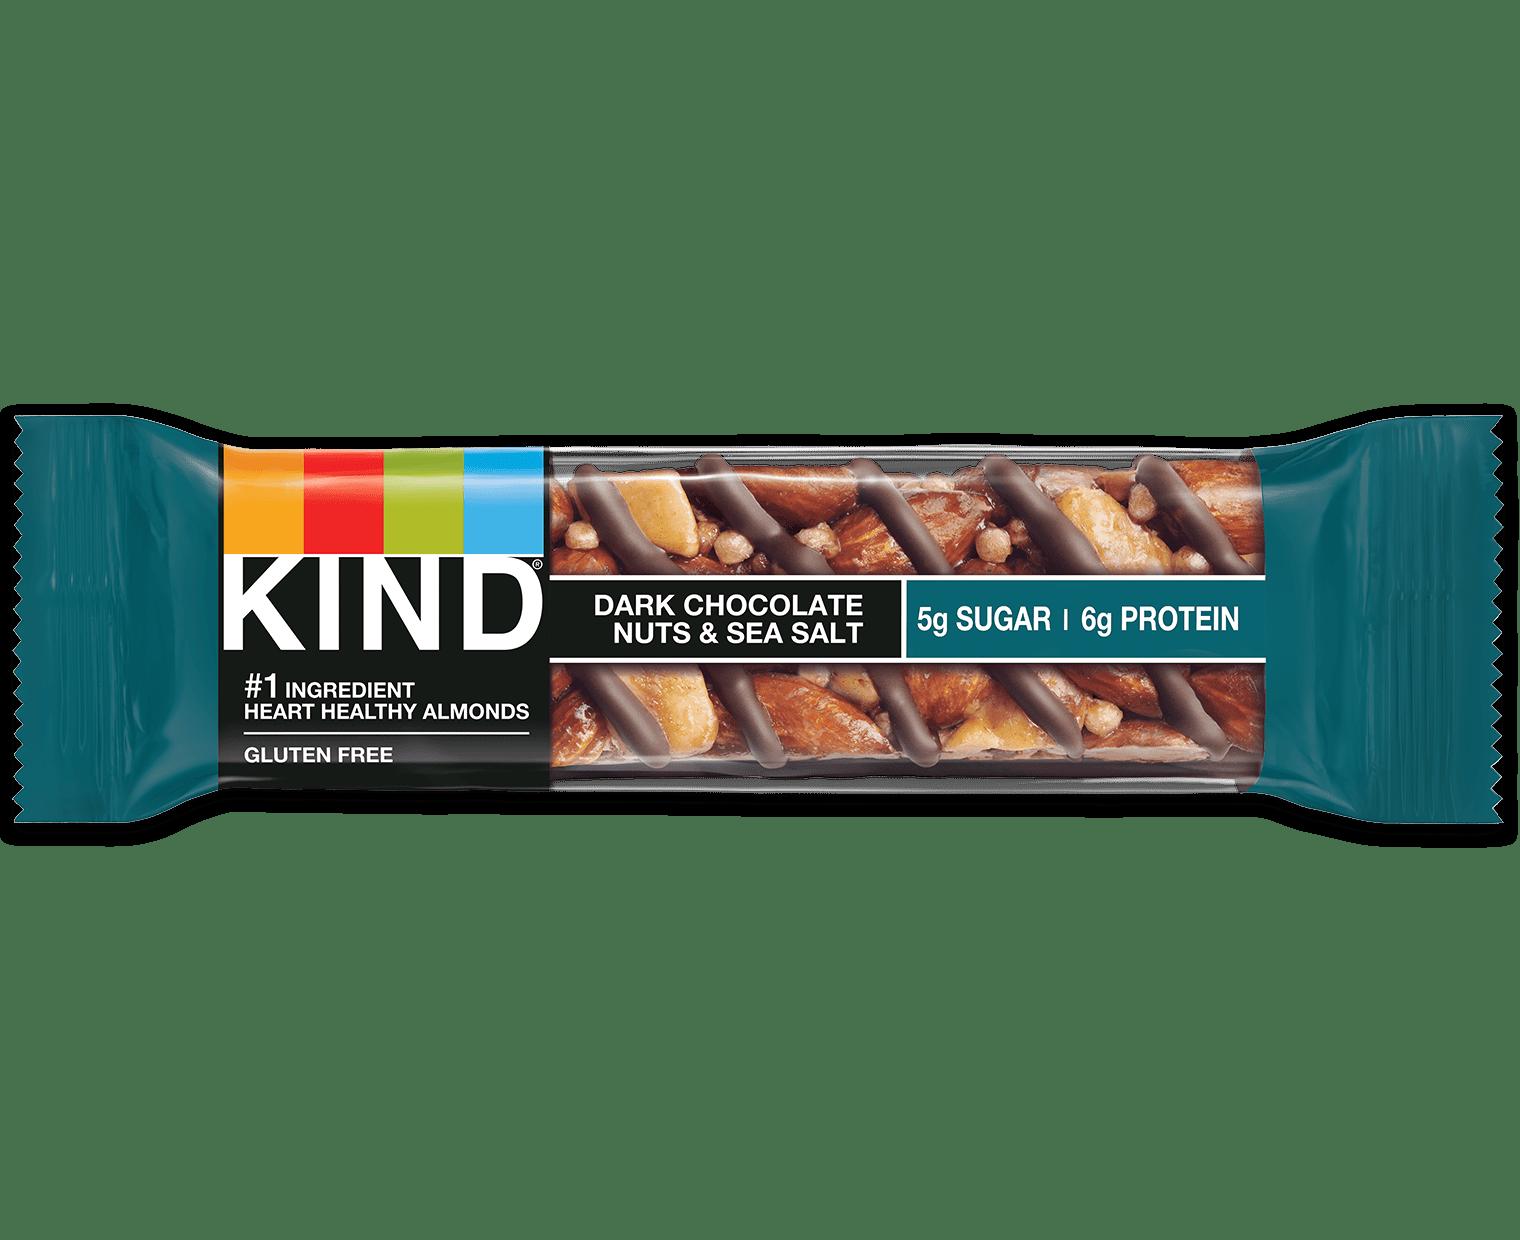 Dark Chocolate Nuts amp Sea Salt Bars Mixed Nut Bars